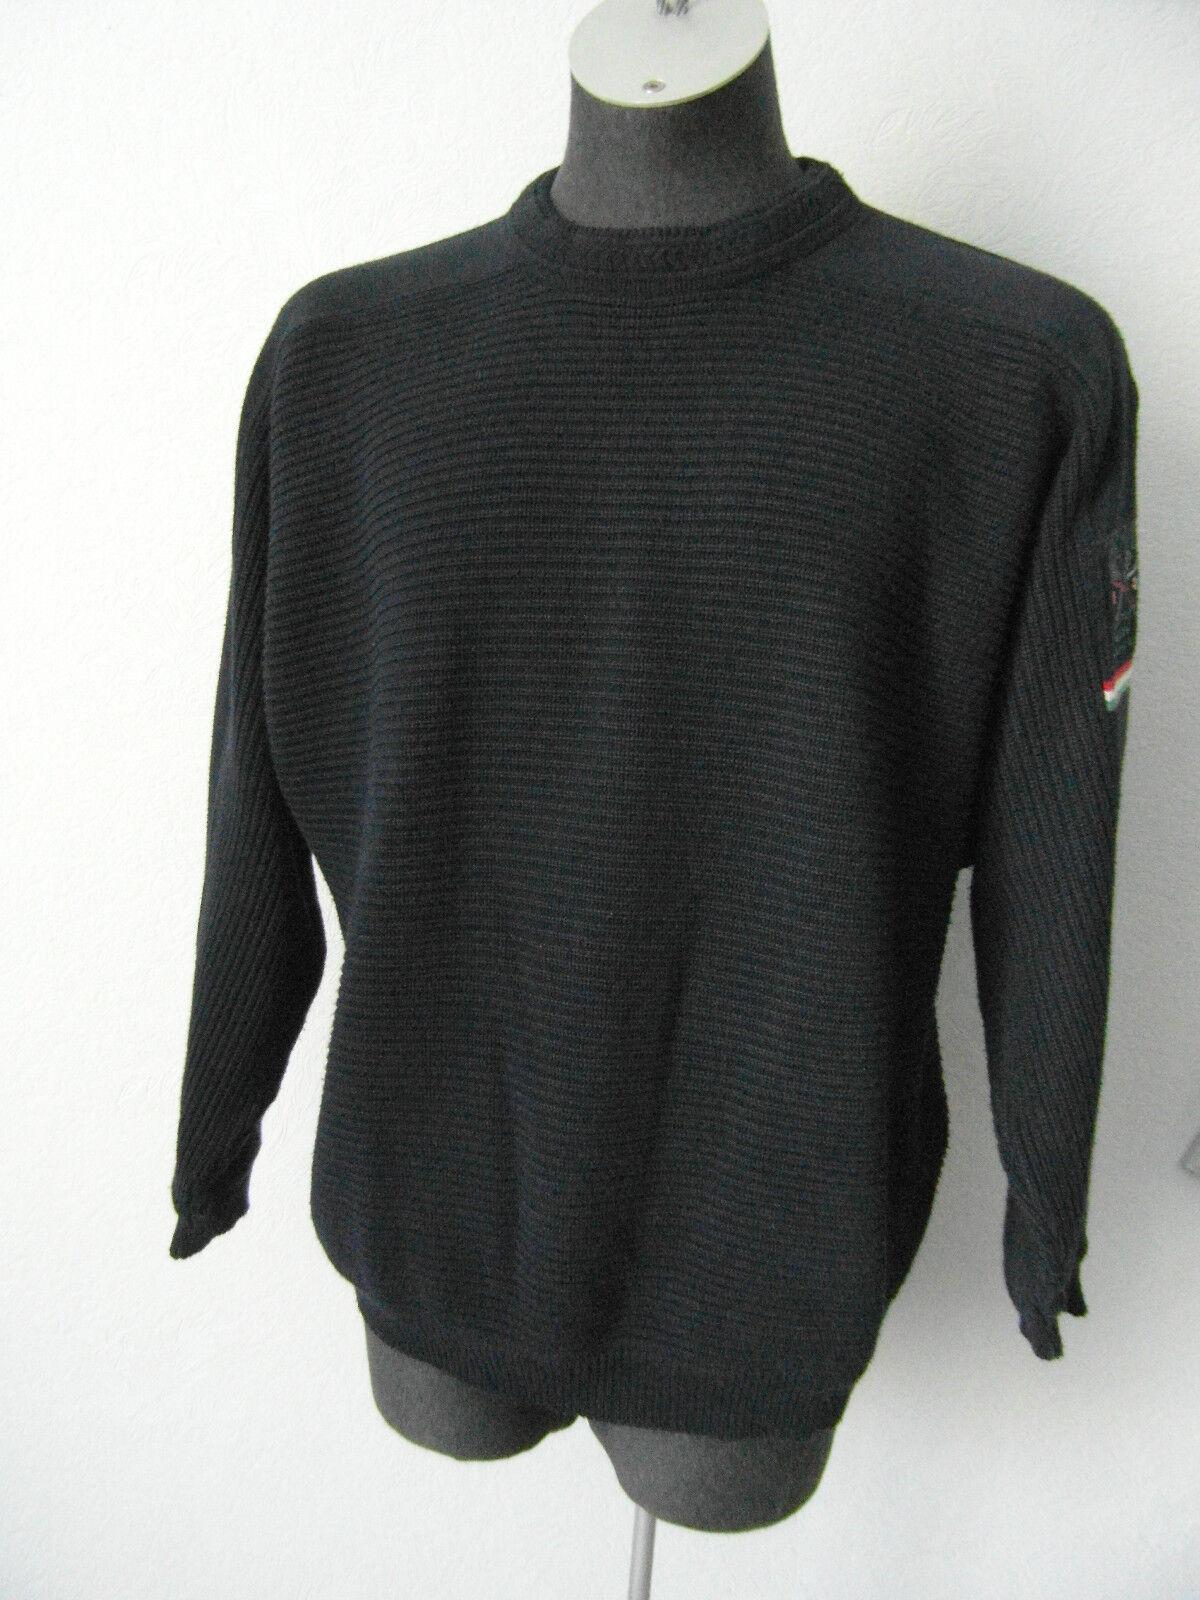 Pullover von Carllo Collucci Gr.52